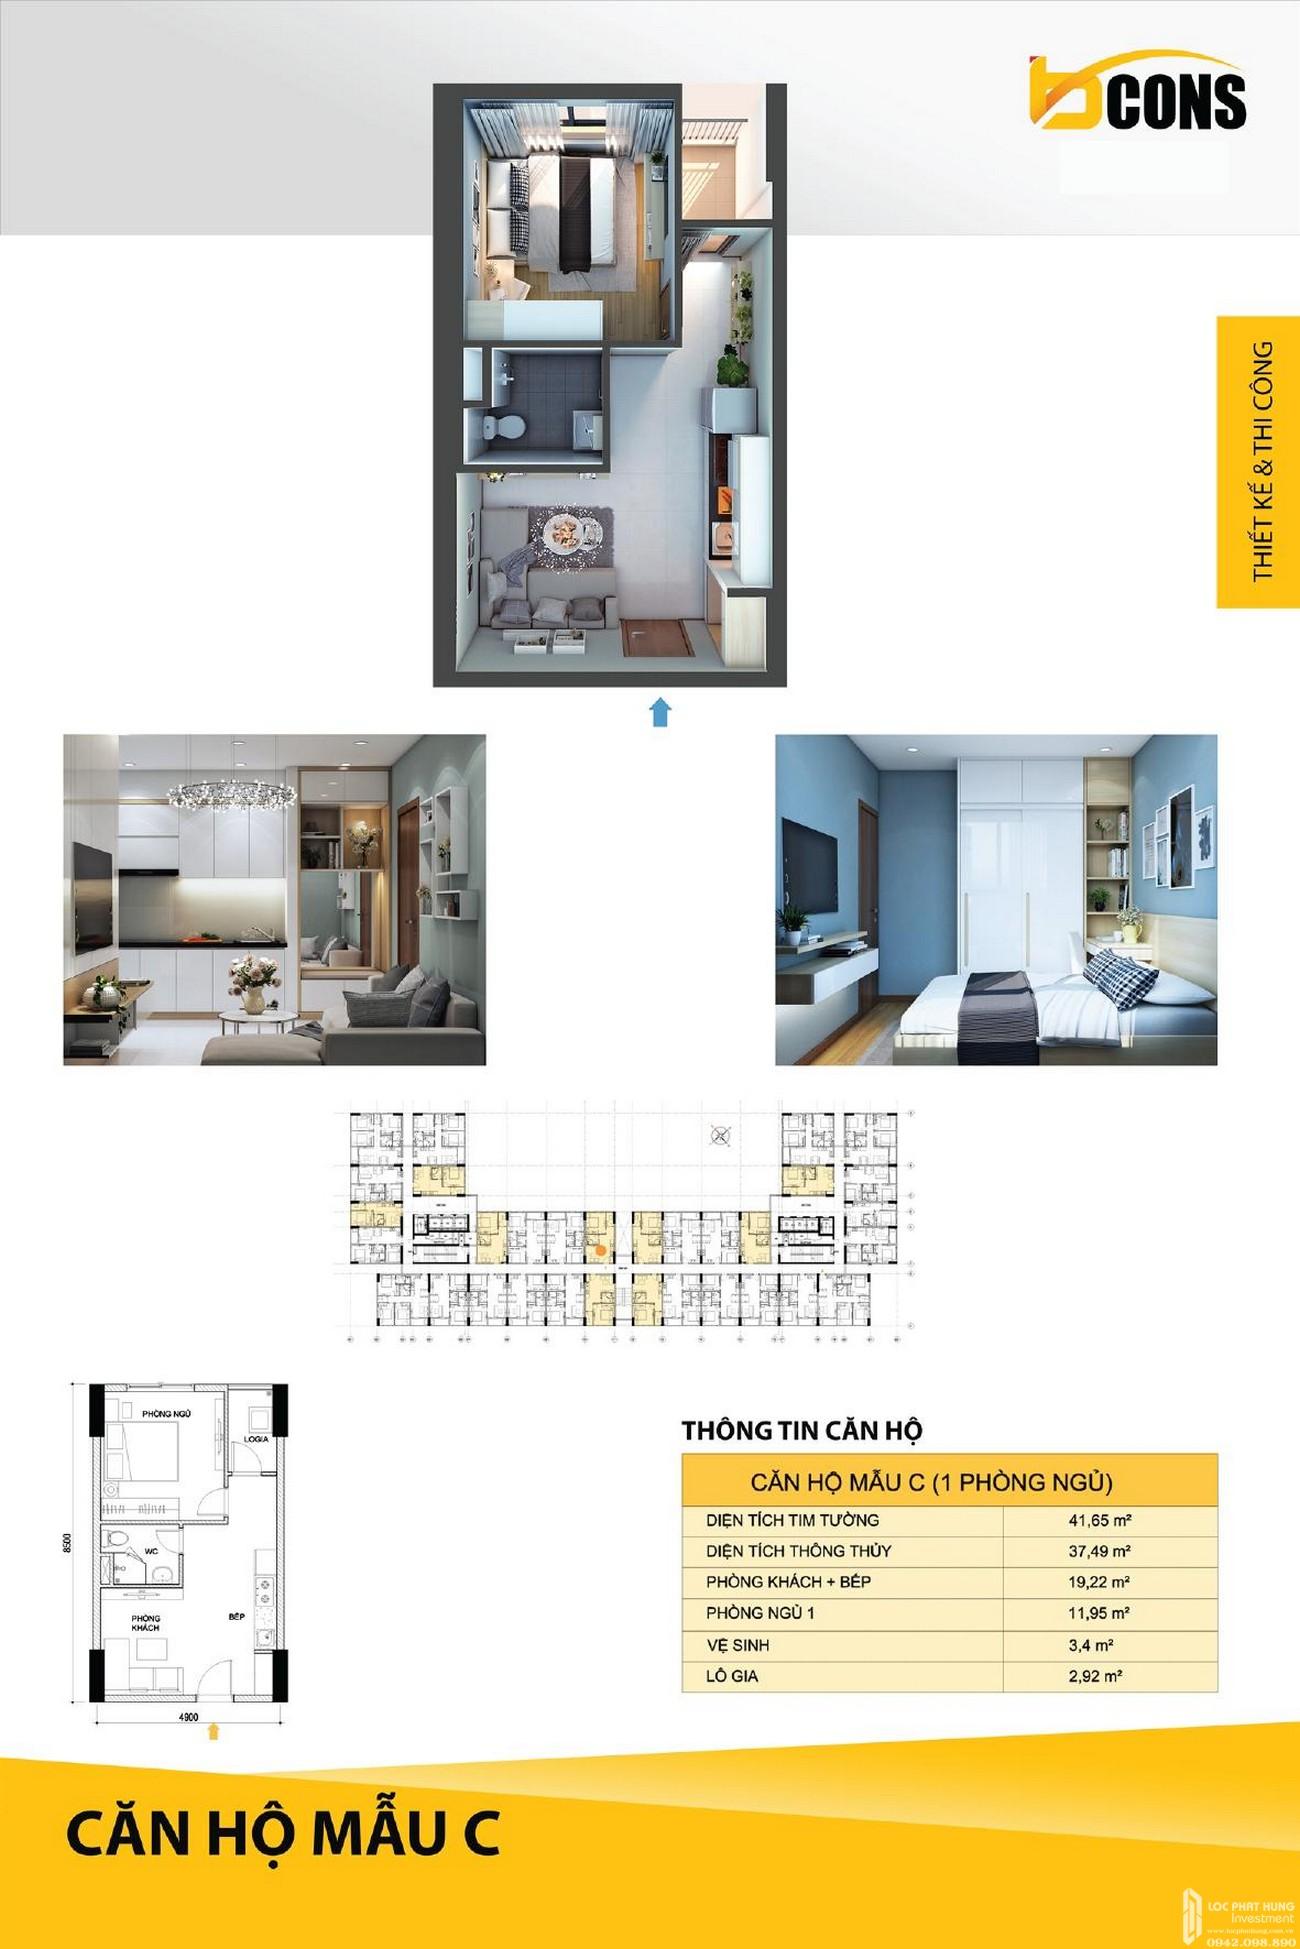 Thiết kế dự án Căn Hộ chung cư Bcons Miền Đông loại C Dĩ An Đường Tân Lập chủ đầu tư Bcons